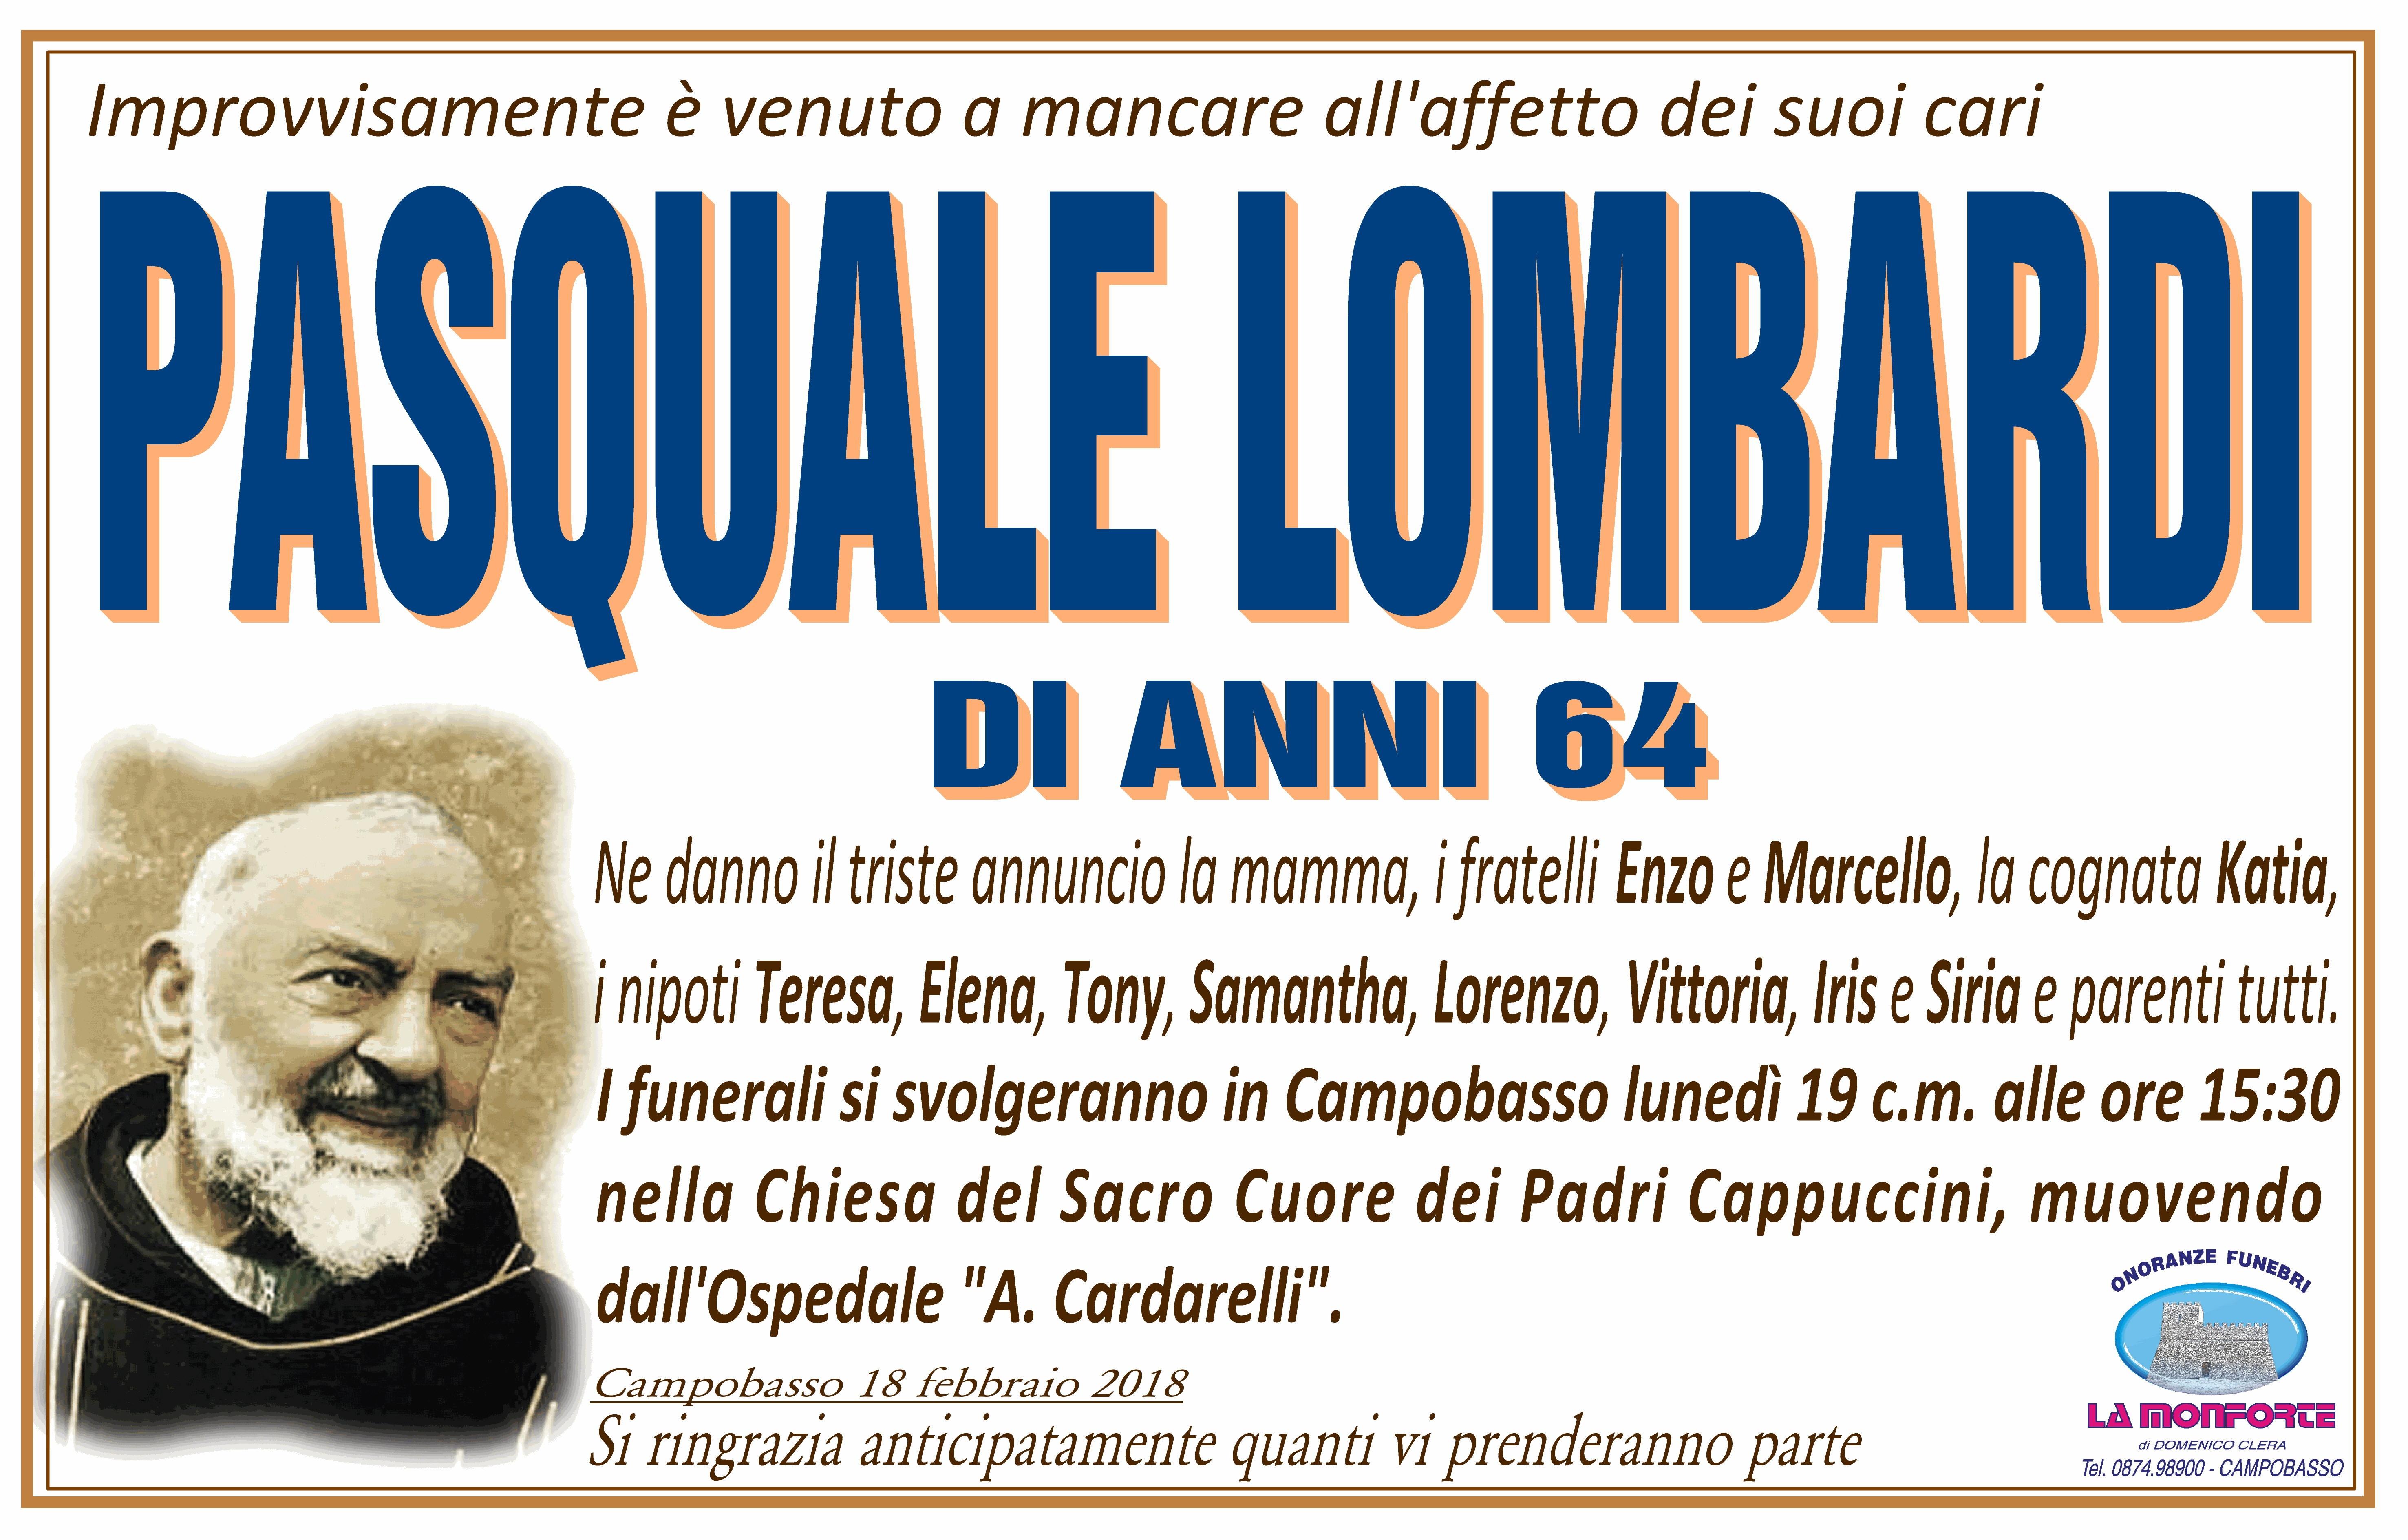 Pasquale Lombardi, 18/02/2018, Campobasso – Onoranze Funebri La Monforte